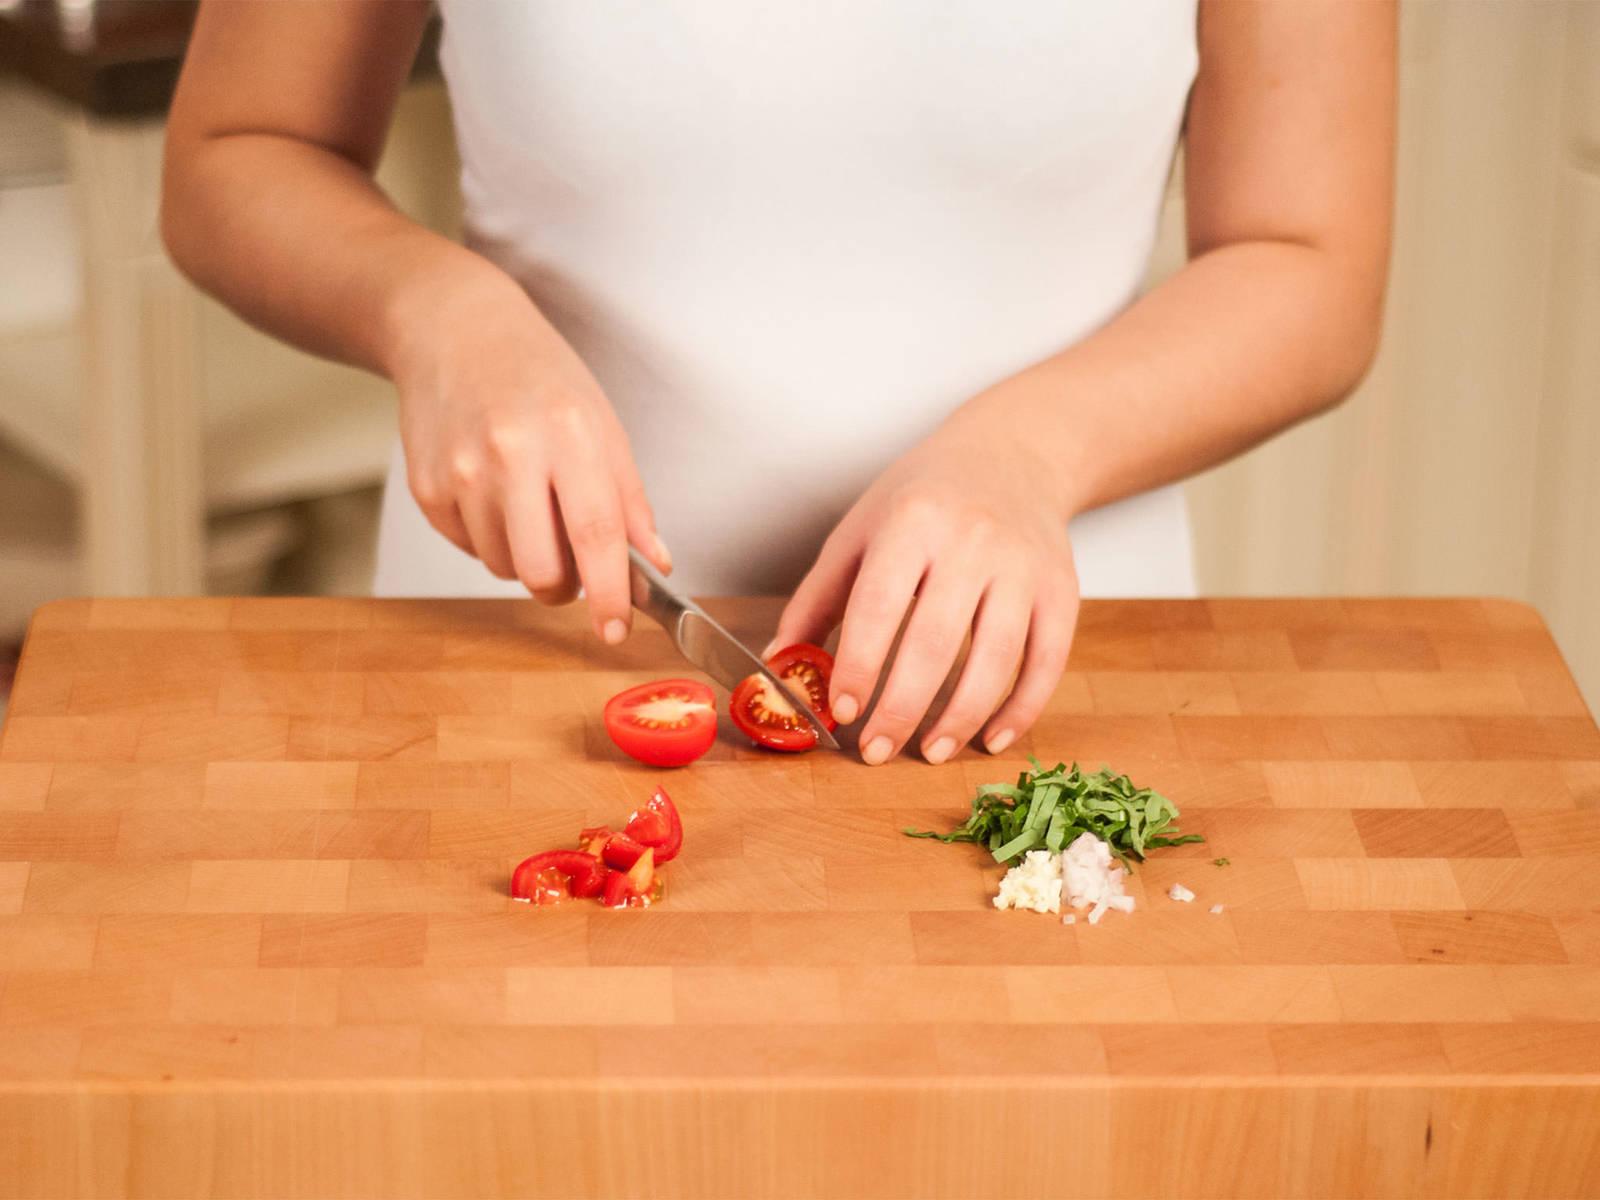 Basilikum in dünne Streifen schneiden. Schalotte und die Hälfte des Knoblauchs fein hacken. Tomaten würfeln.